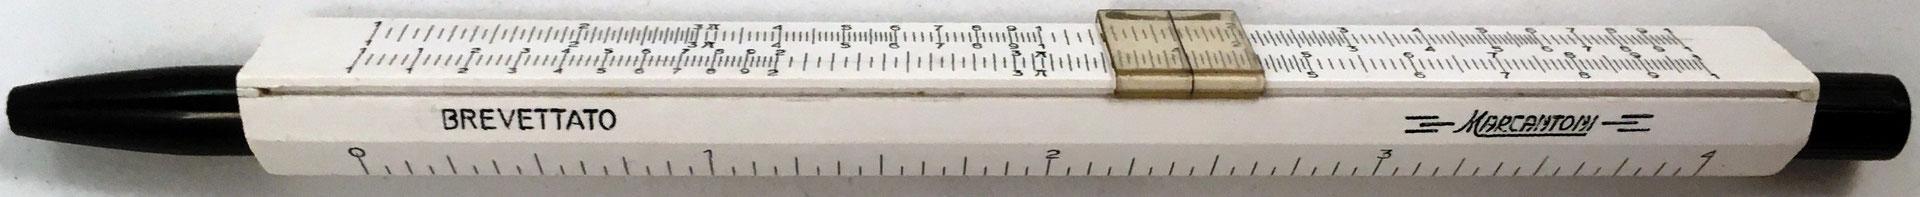 Mini regla de cálculo en porta-lápiz MARCANTONI (Italia), Brevettato Marcantoni, fabricado por G. Marcantoni & C., Bresso-Milano, Italia, año 1960, 14 cm largo x 1 cm diámetro